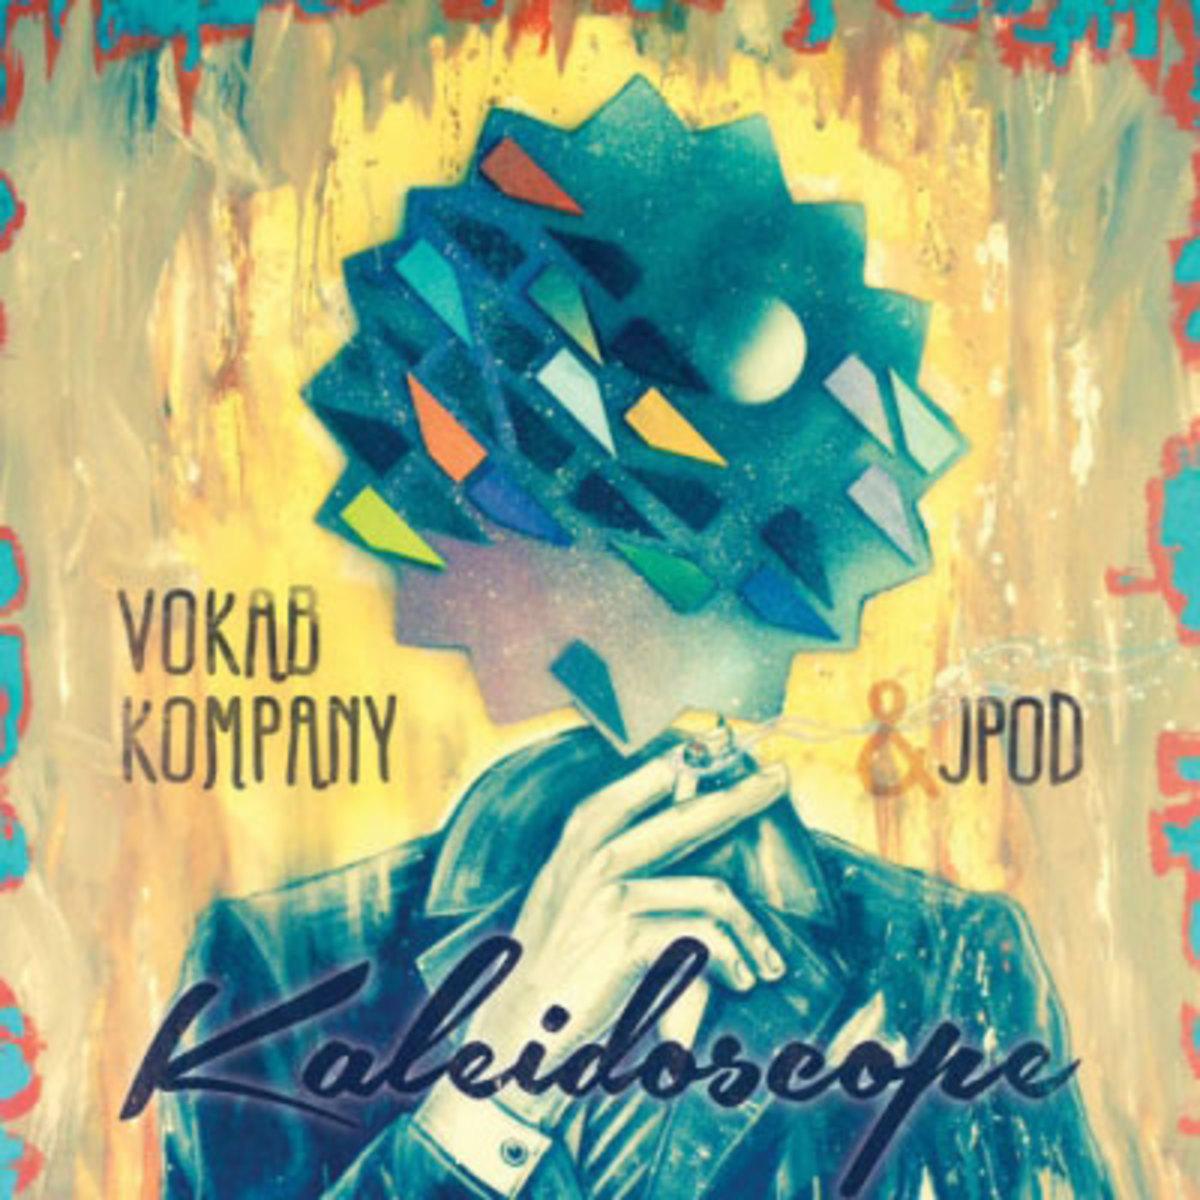 vokab-kompany-kaleidoscope.jpg